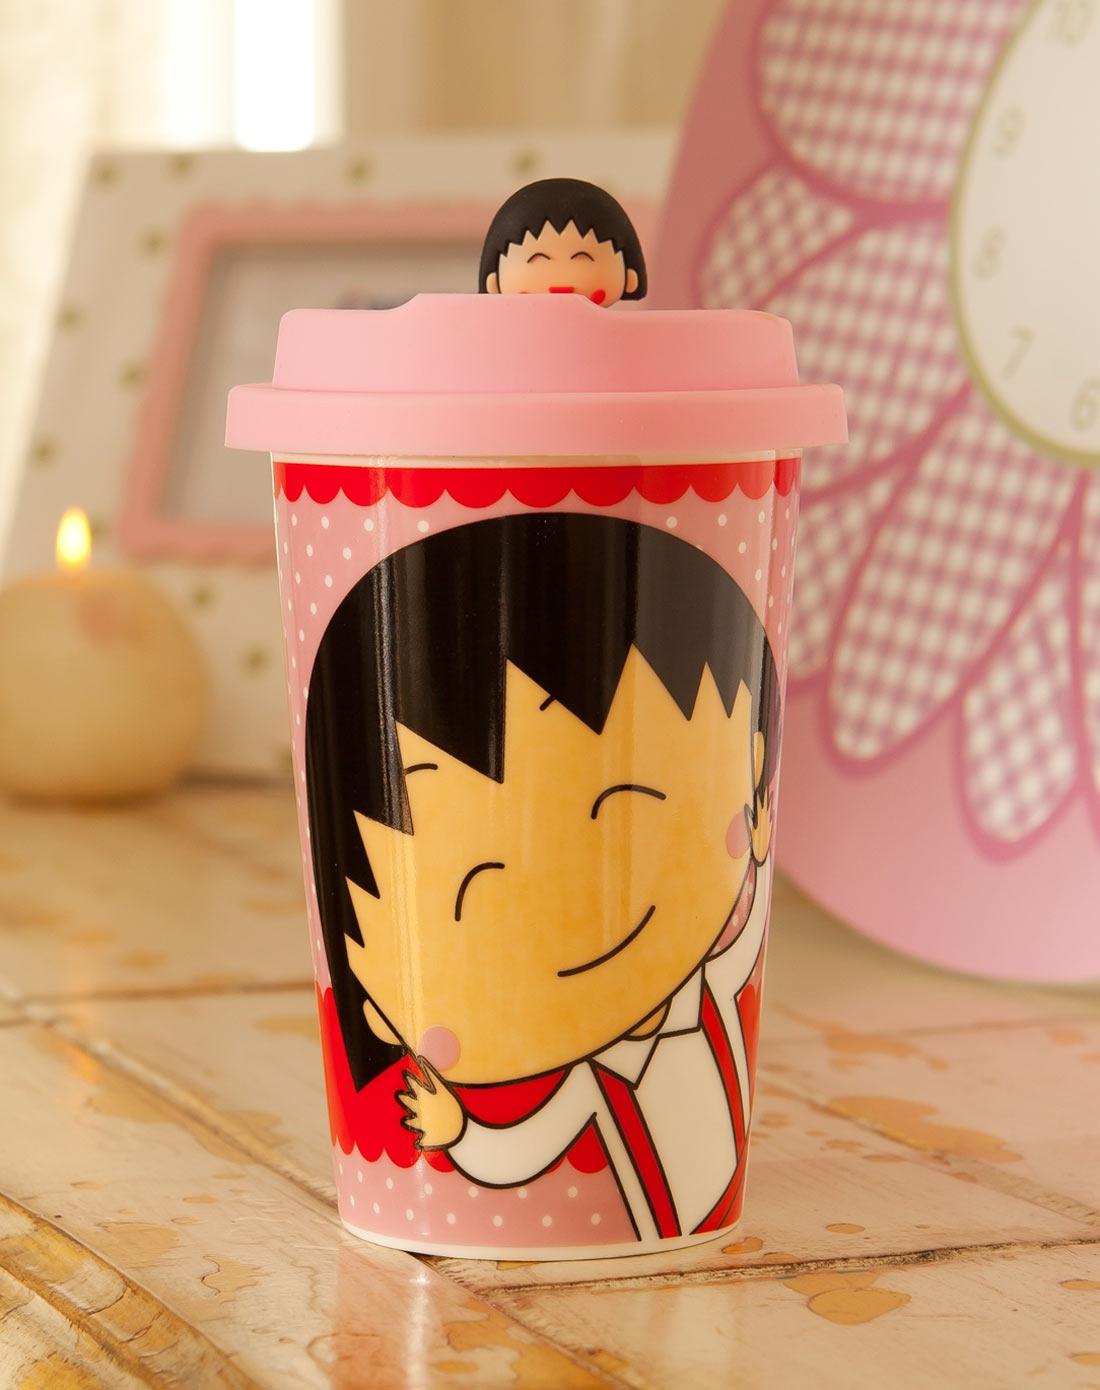 可爱卡通彩绘陶瓷马克杯-樱桃小丸子带盖半身b